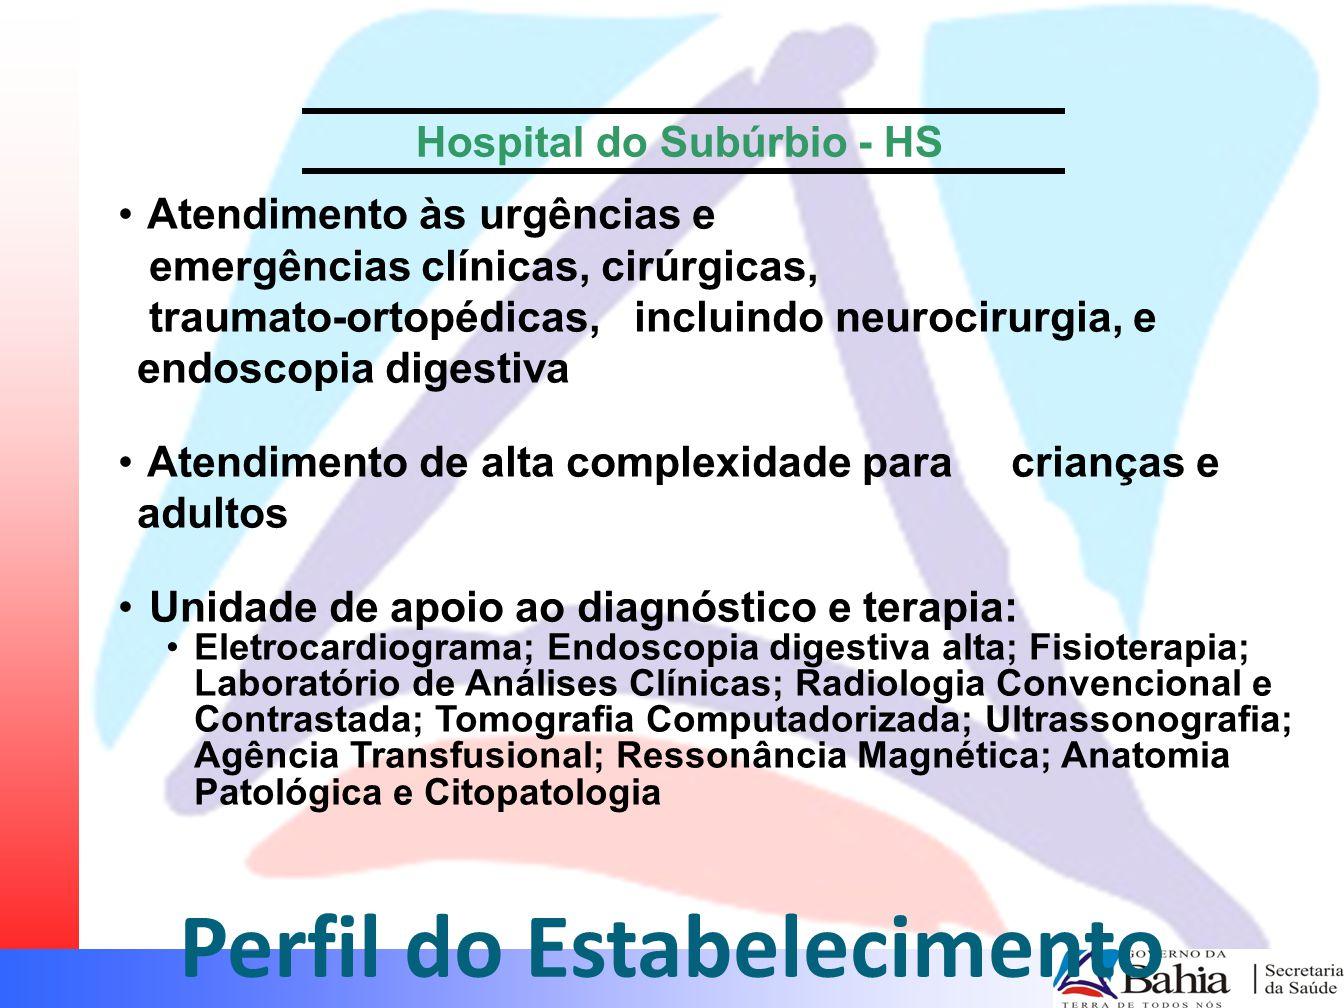 Perfil do Estabelecimento Atendimento às urgências e emergências clínicas, cirúrgicas, traumato-ortopédicas, incluindo neurocirurgia, e endoscopia dig